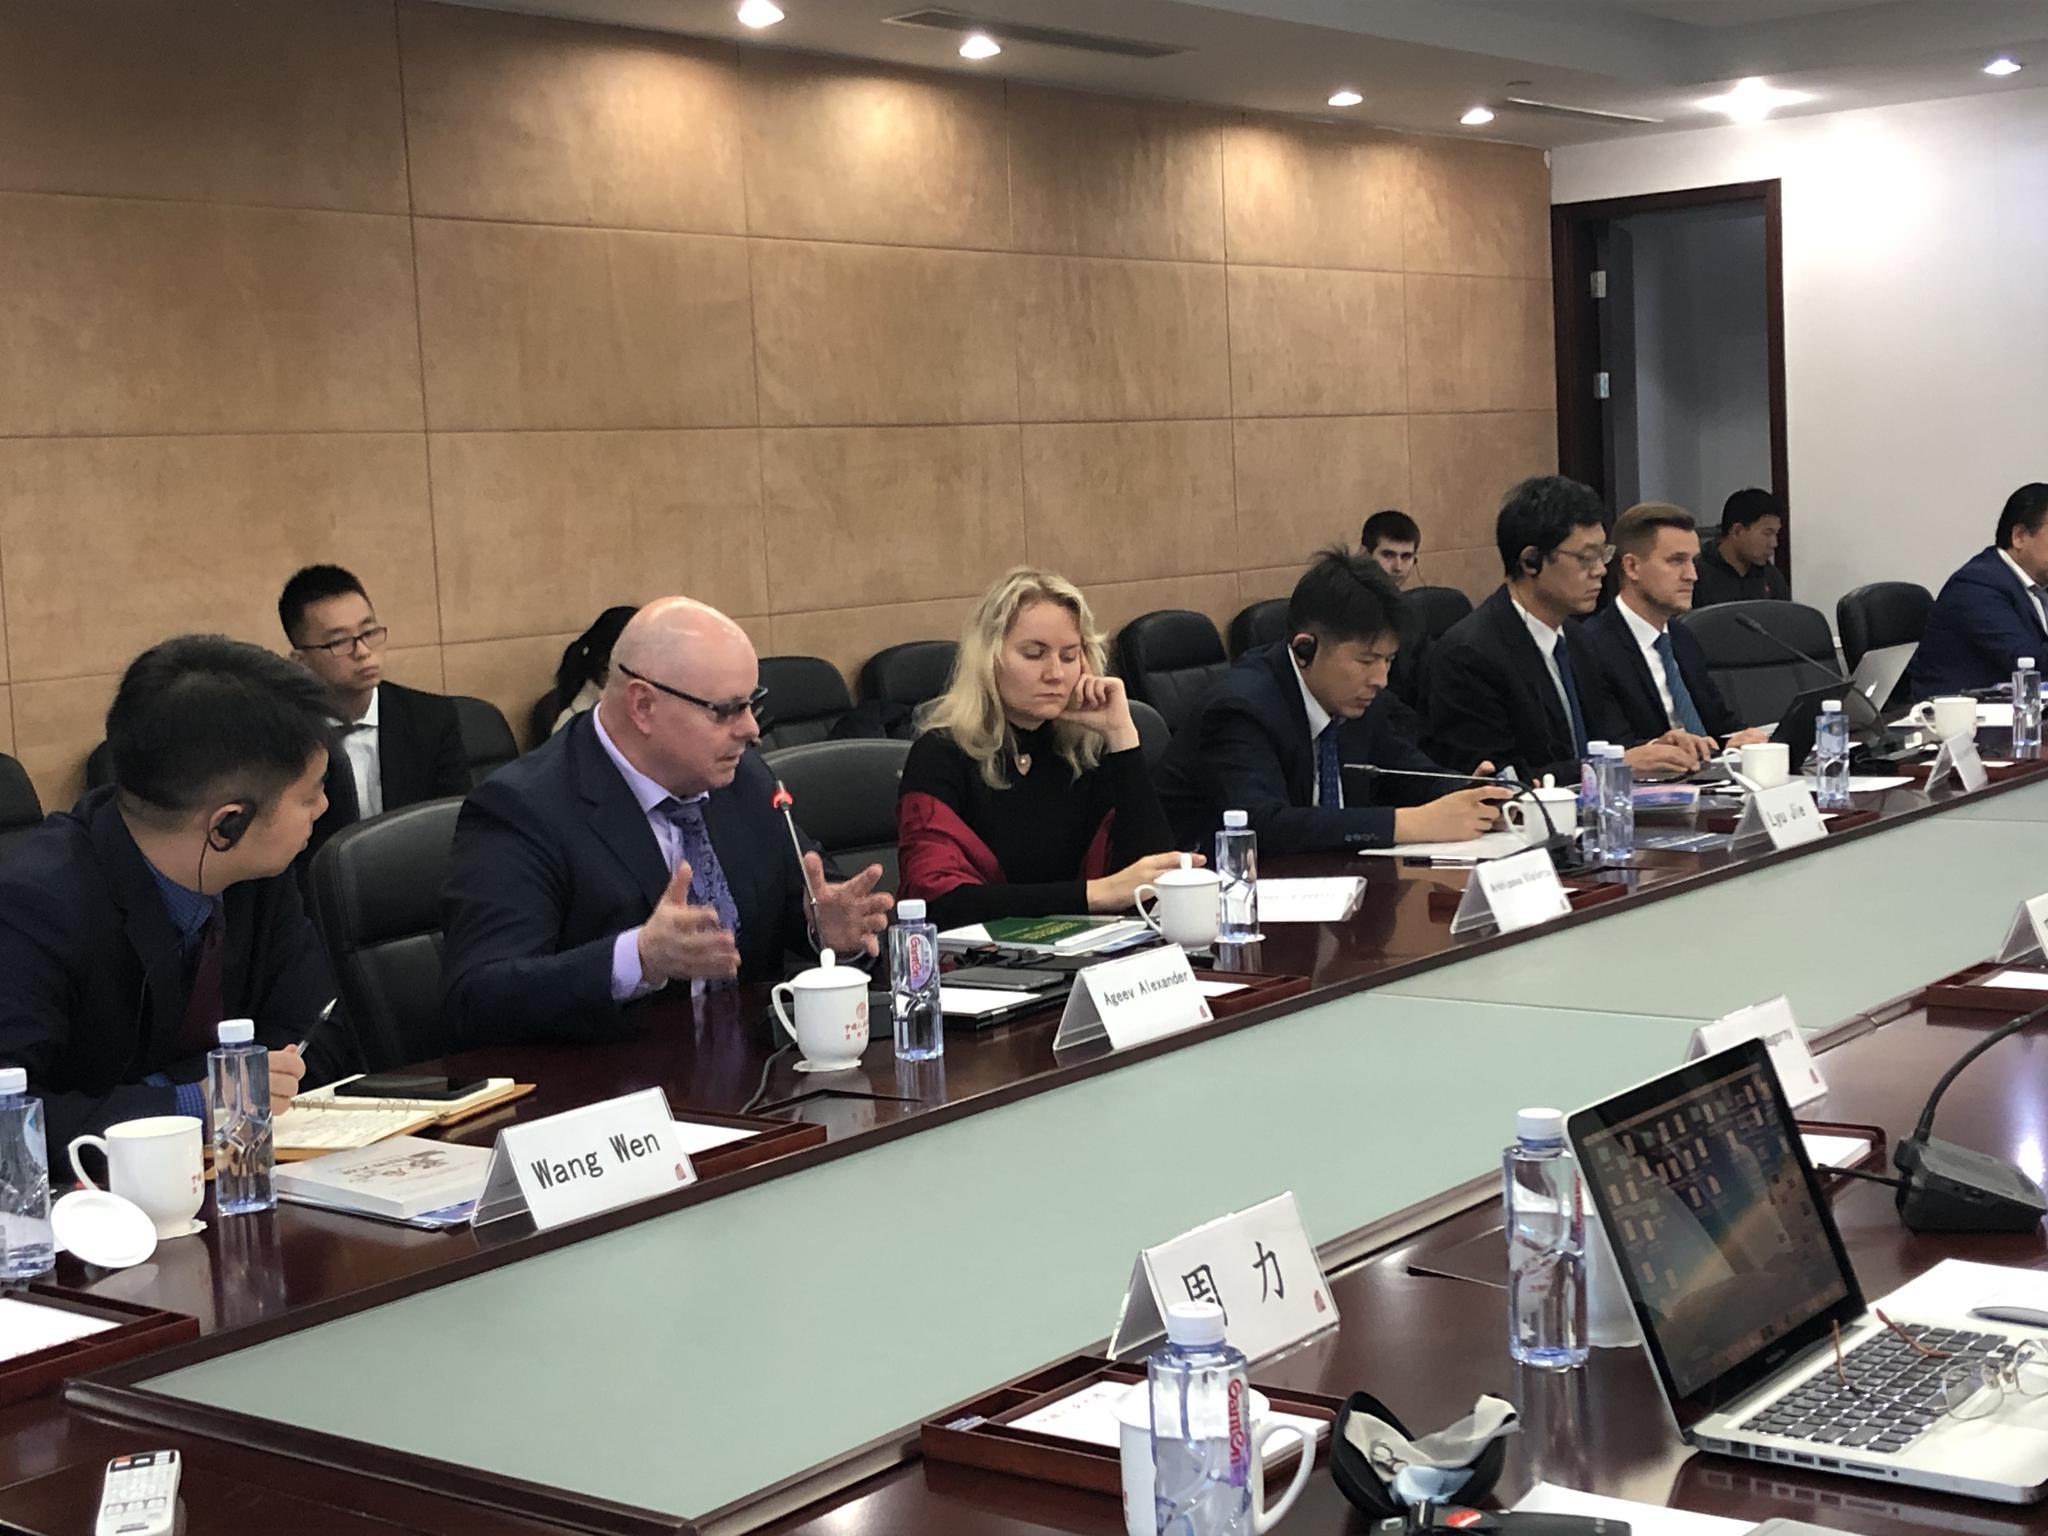 国资委:将有限合伙企业中国有权益纳入常态化登记管理范围